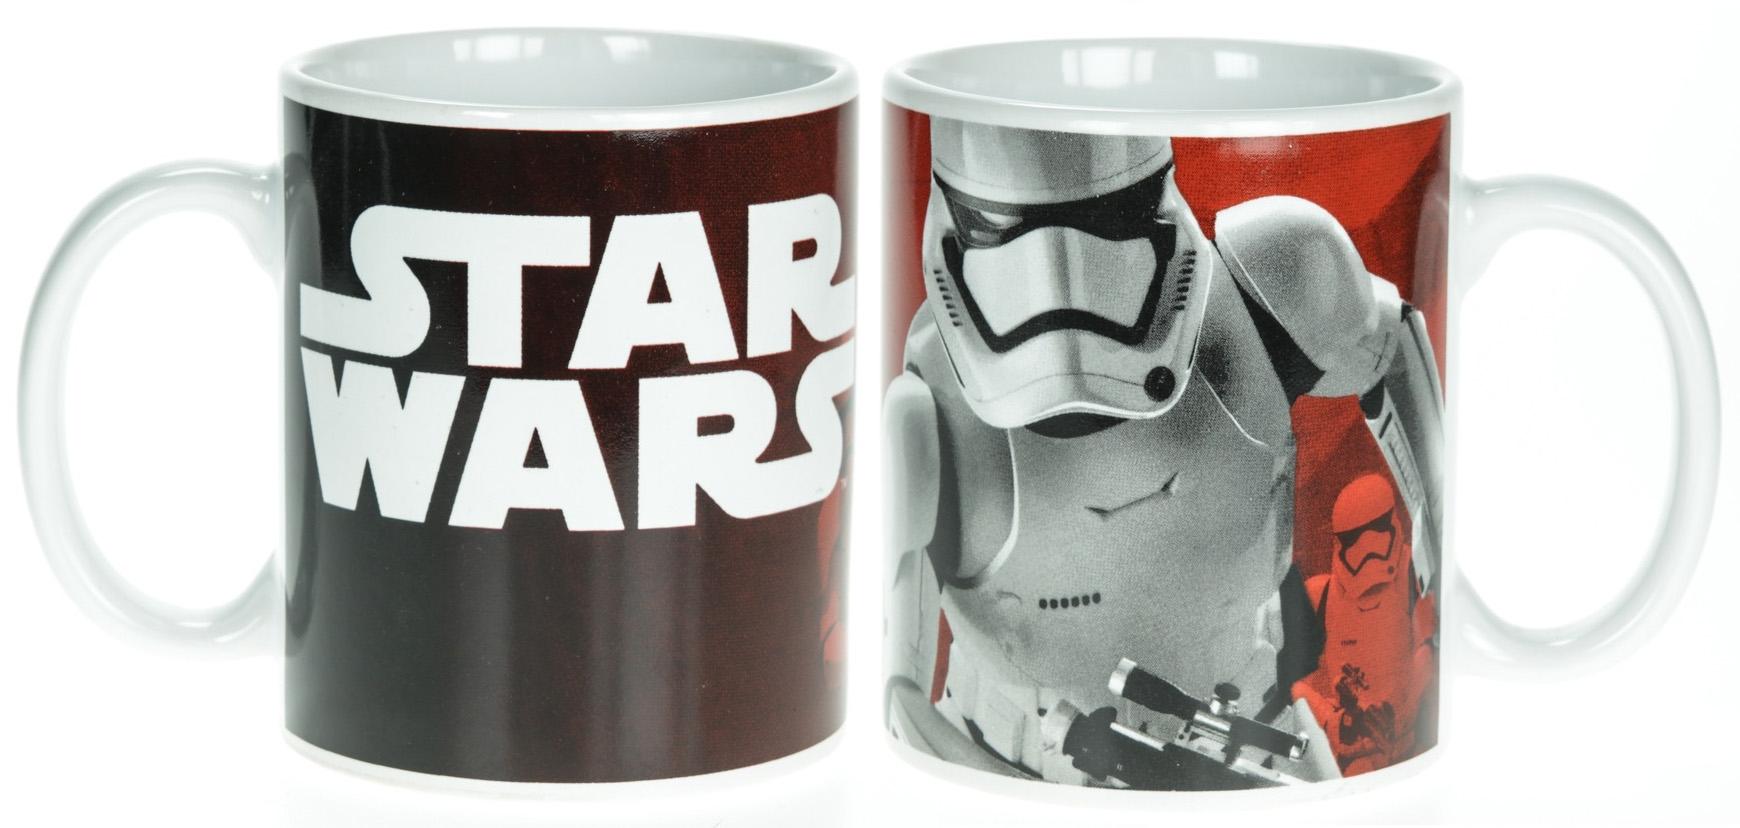 star wars ceramic set cani merchandise. Black Bedroom Furniture Sets. Home Design Ideas